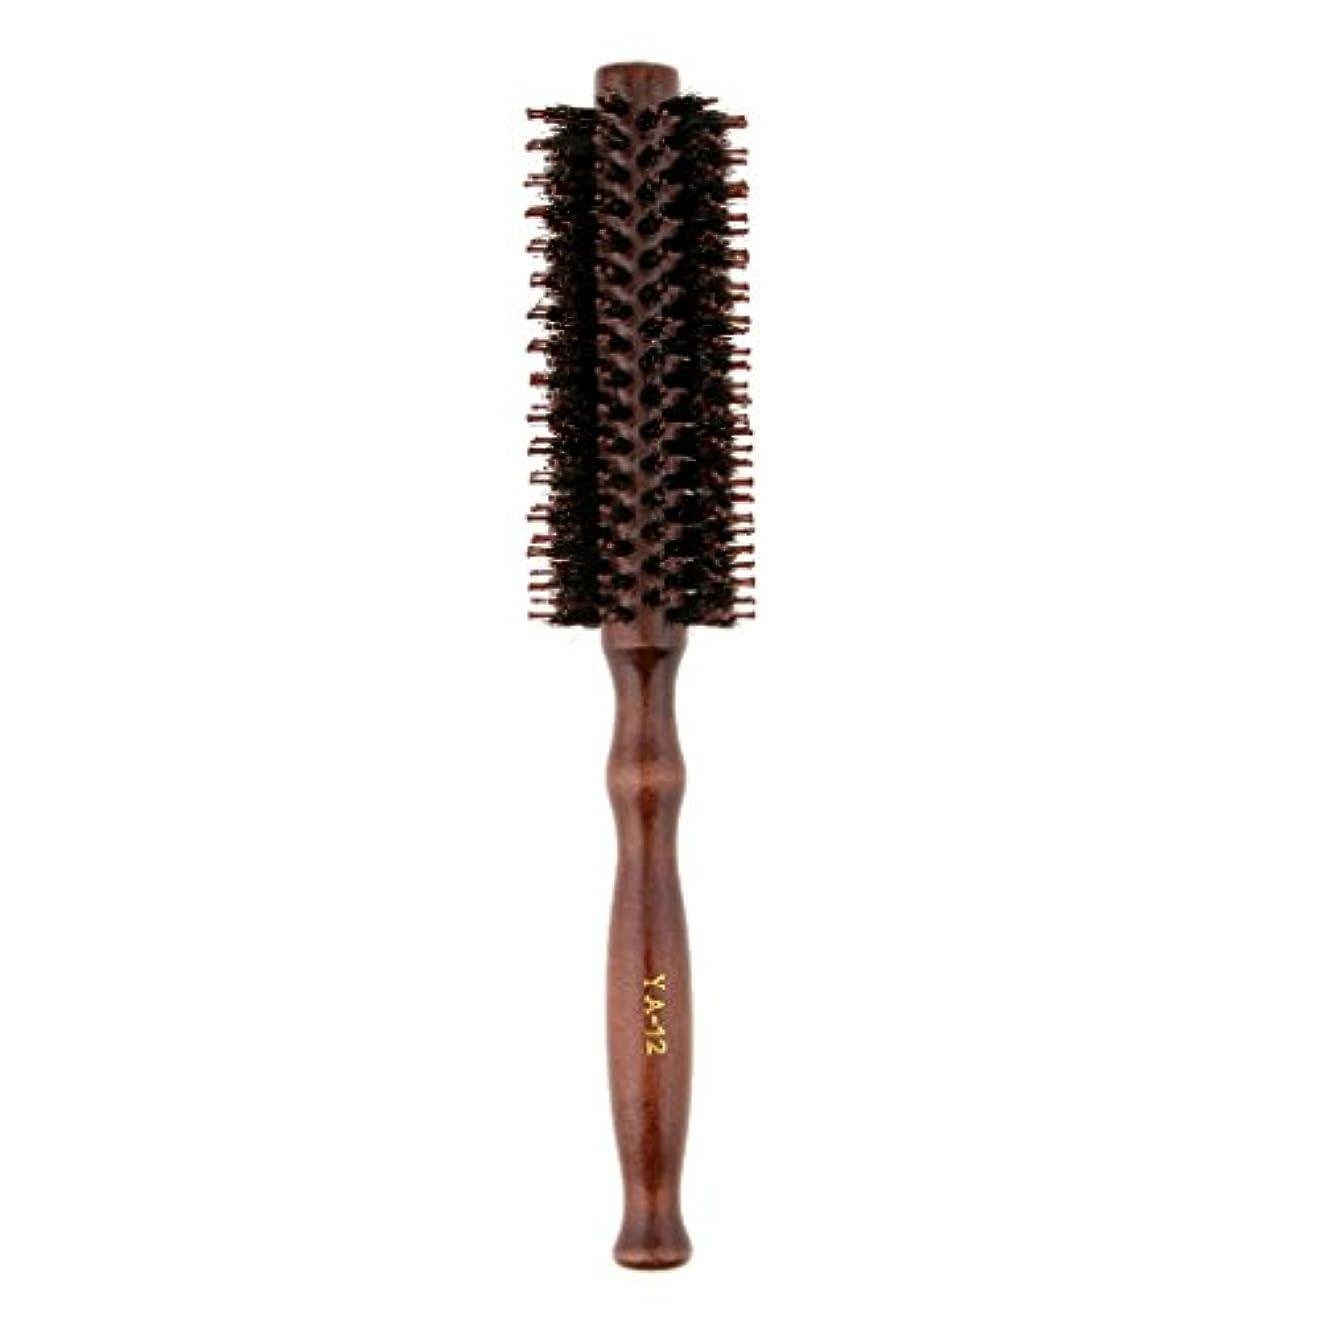 Sharplace ロールブラシ ヘアブラシ 2タイプ選べる - #2